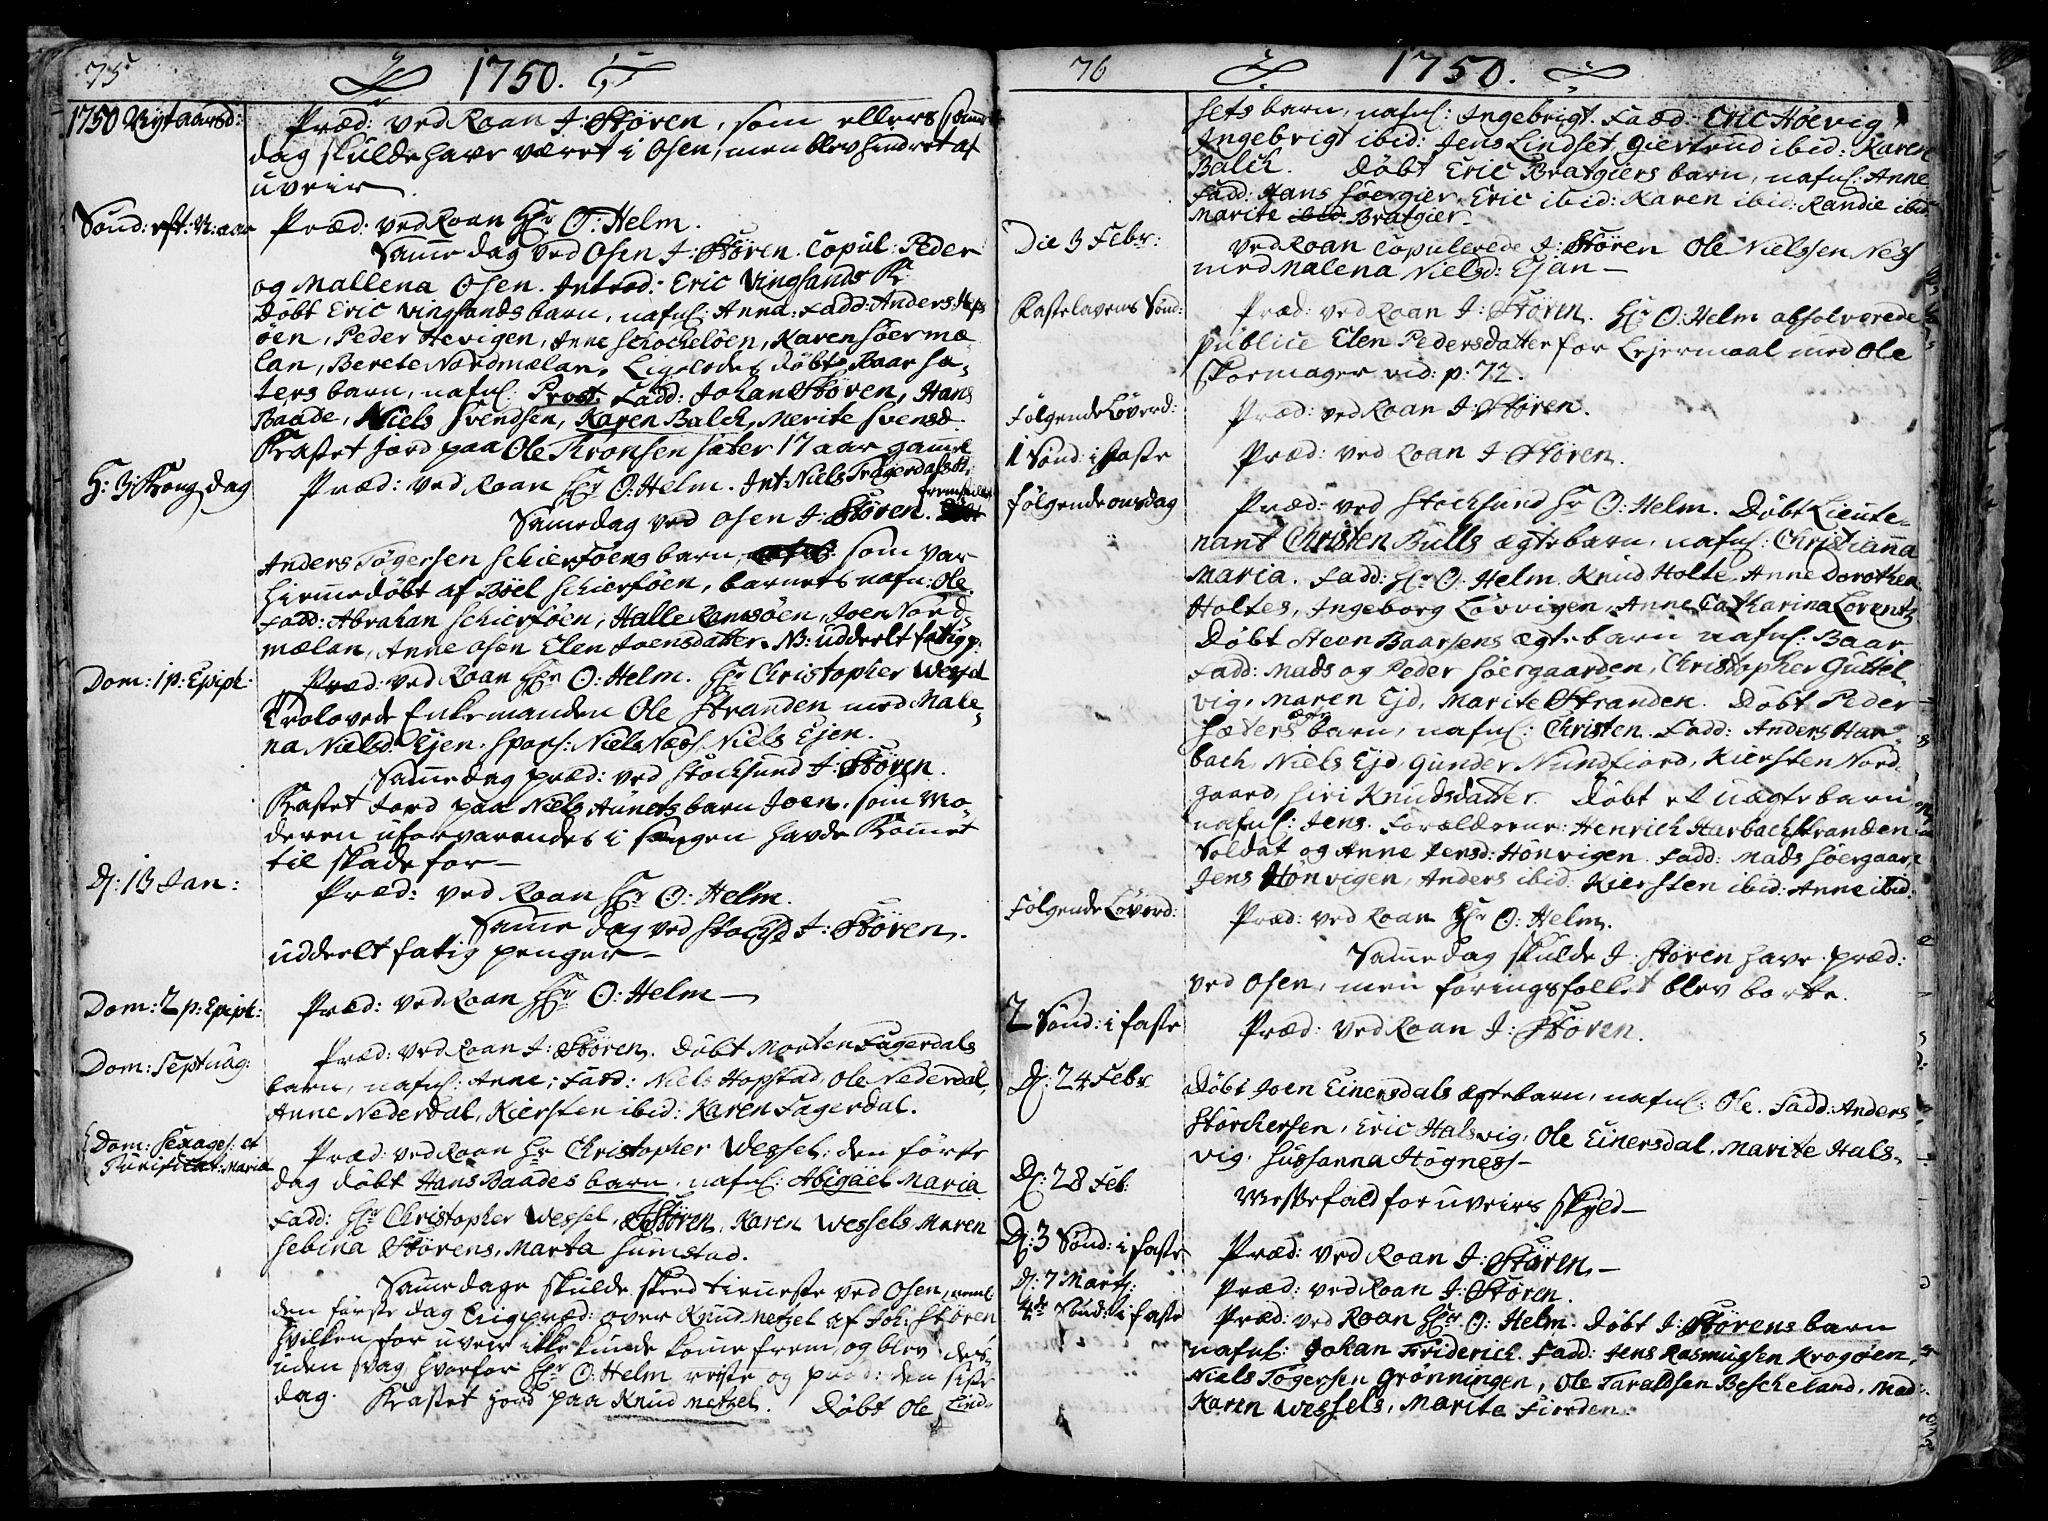 SAT, Ministerialprotokoller, klokkerbøker og fødselsregistre - Sør-Trøndelag, 657/L0700: Ministerialbok nr. 657A01, 1732-1801, s. 74-75